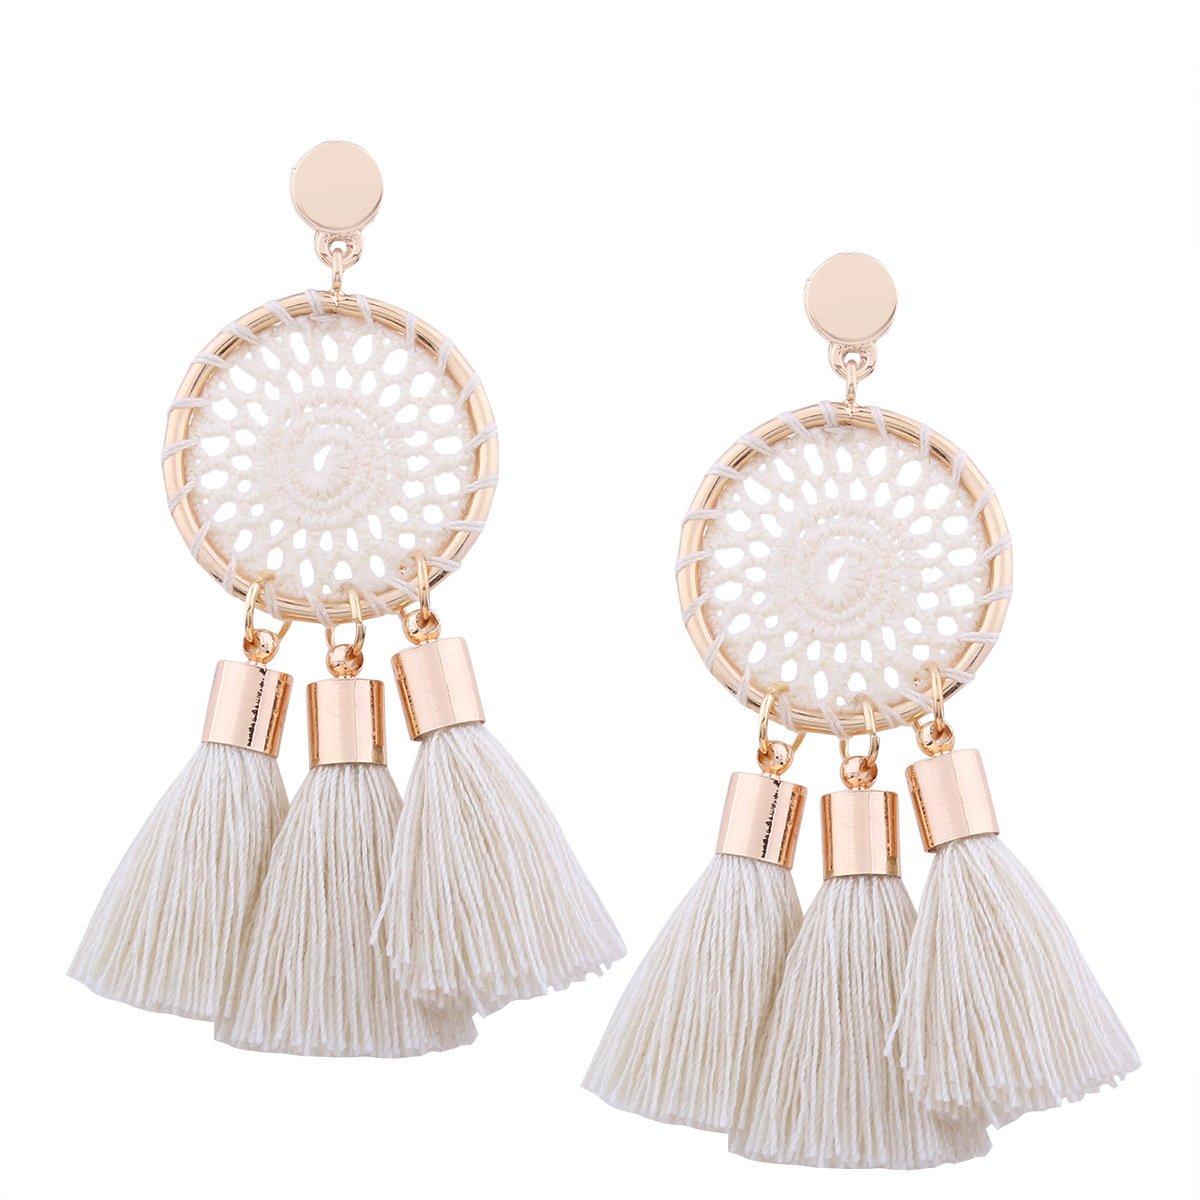 Tassel Earrings White Long Bohemian Geometric Dangle Earrings for Women by FEDNON (Image #5)